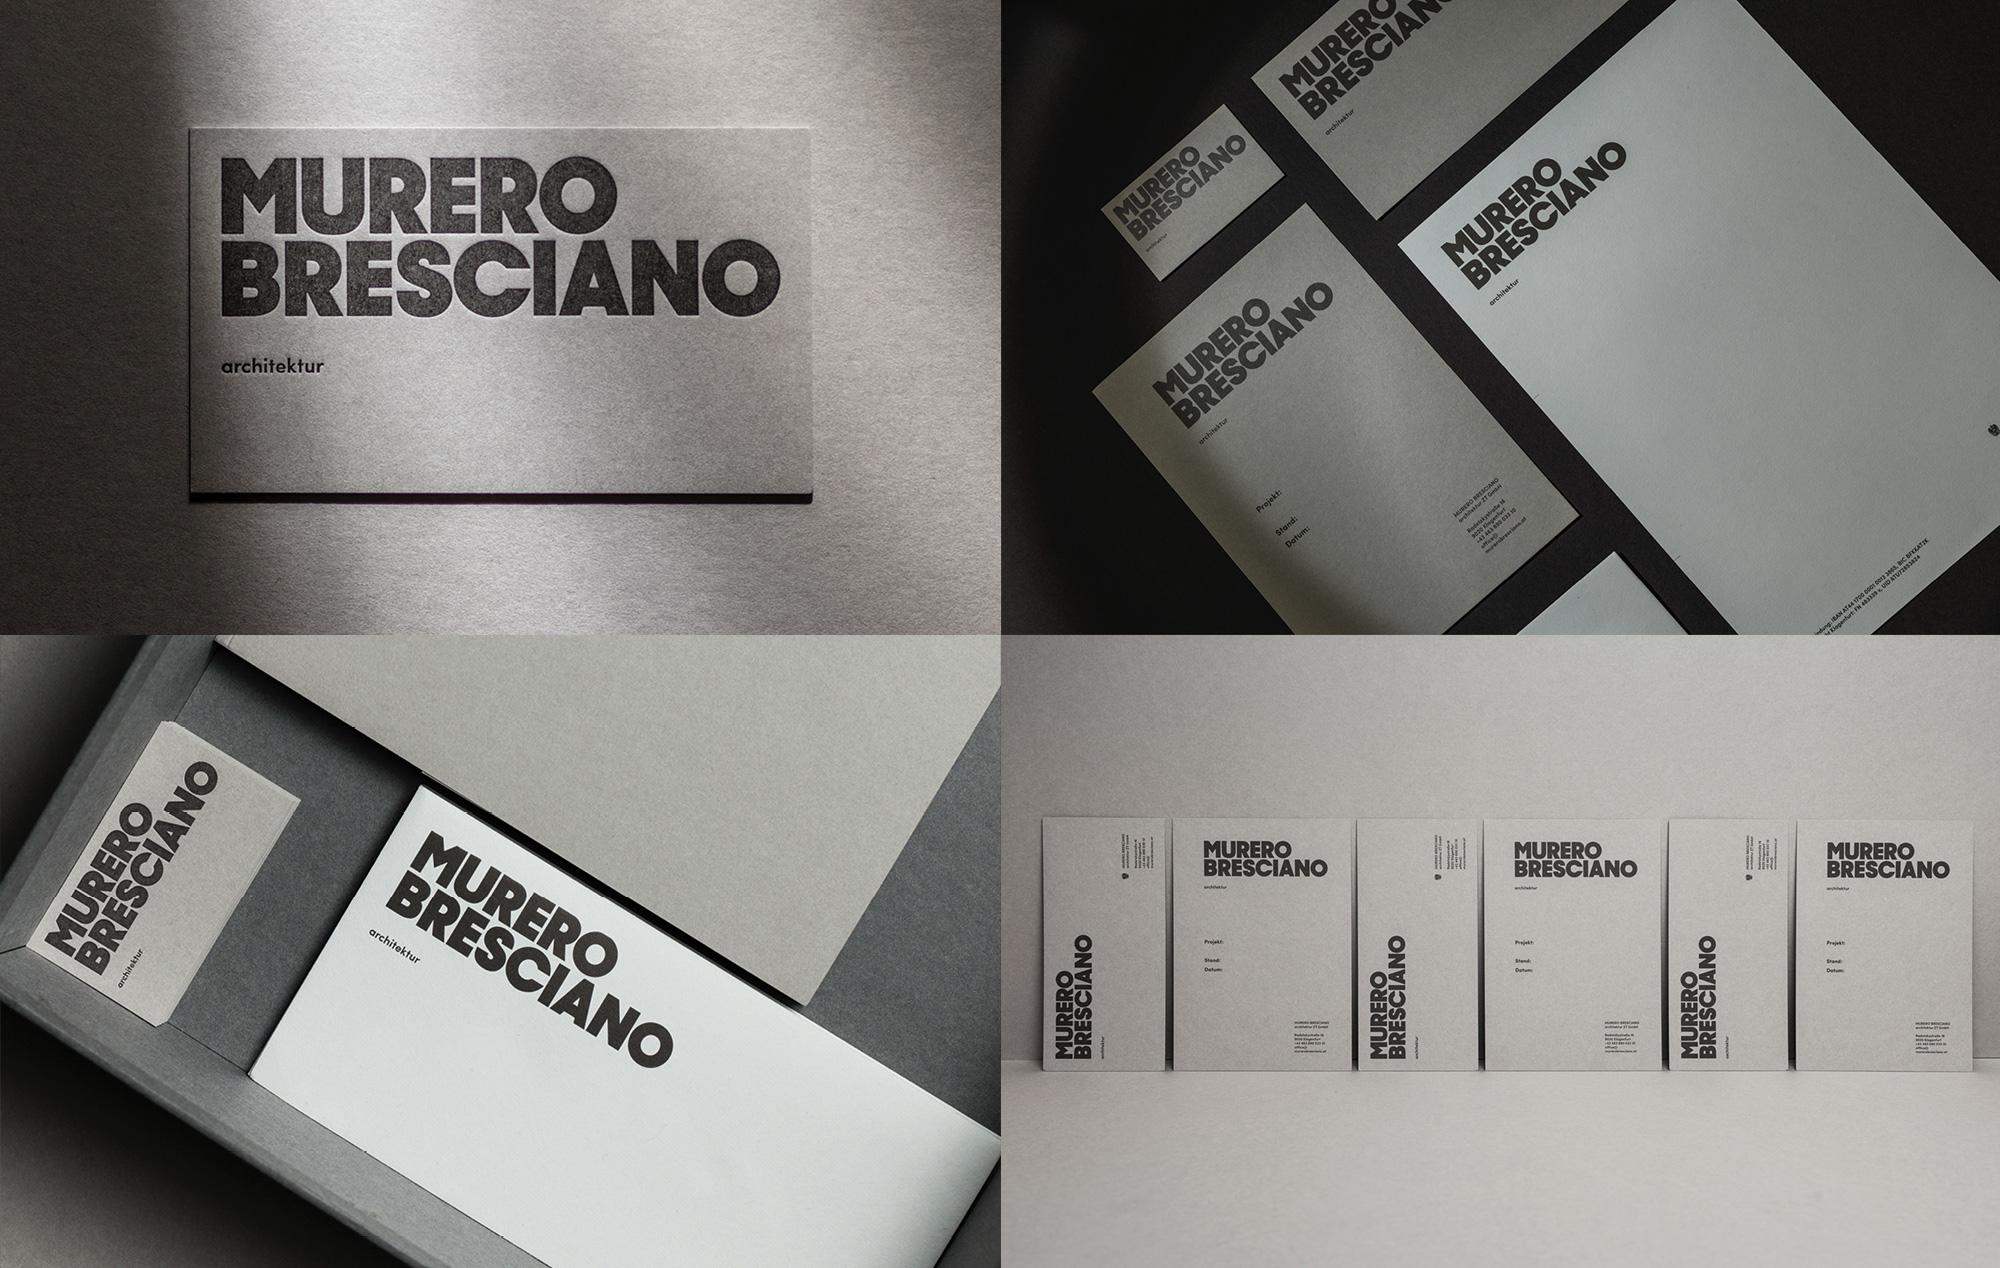 Murero Bresciano by Moodley